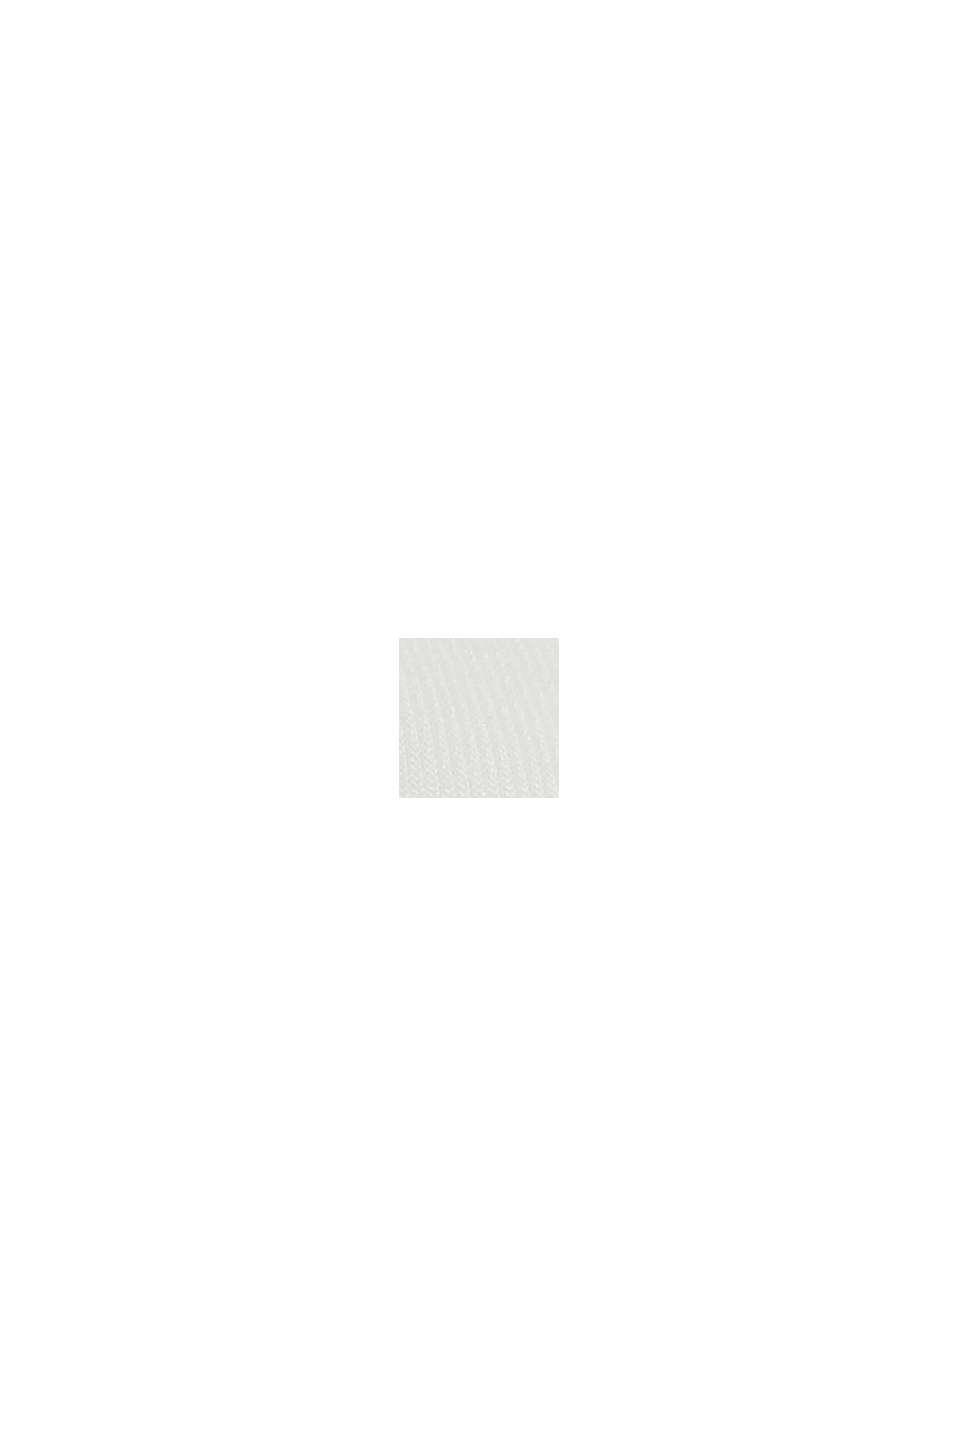 Tuniekblouse met biezen, OFF WHITE, swatch